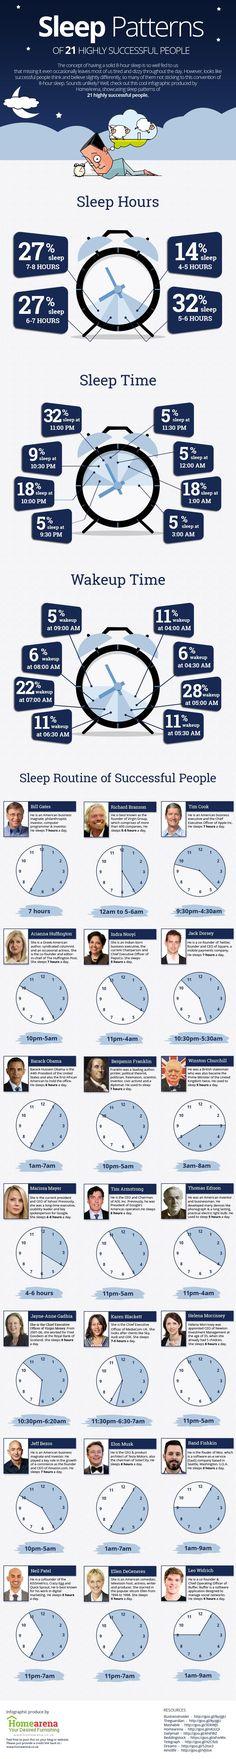 How people who achieved great richness sleep. Como pessoas que conquistaram grandes fortunas dormem. Fonte: TIMES